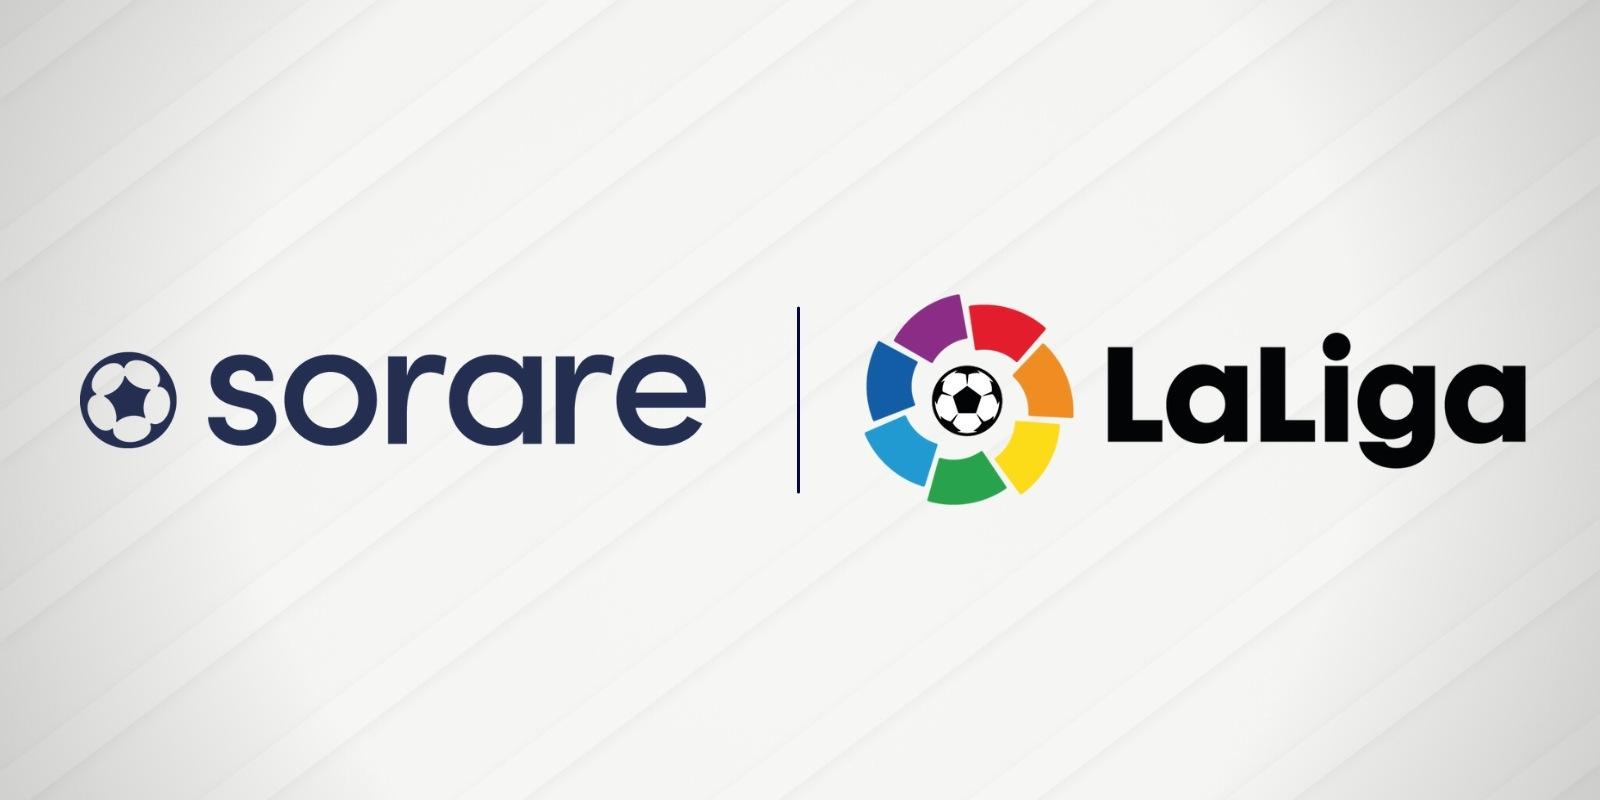 LaLiga s'associe au jeu blockchain Sorare et entre dans le monde des NFTs